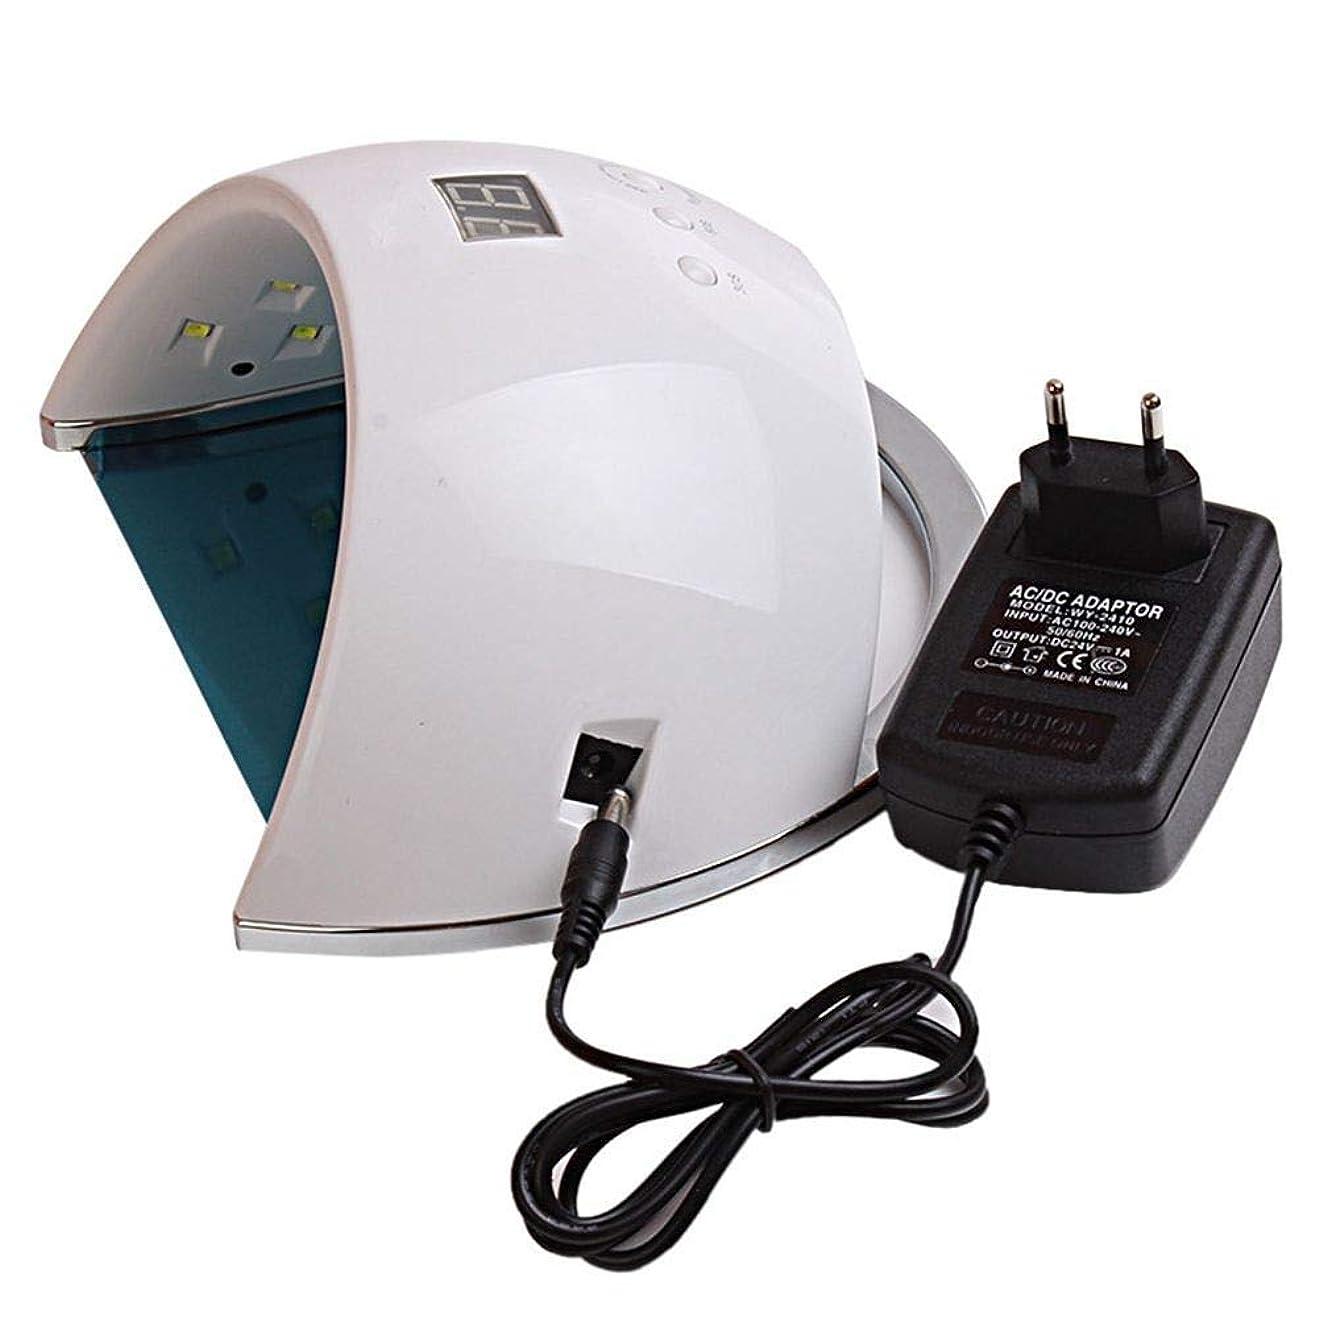 上向き本会議潮ネイルドライヤーランプ用ネイル48W SUN6 UV LEDランプポータブル高品質ネイルドラムセンサーとLCD硬化UVネイルジェルネイルツールufランプ、画像としての色